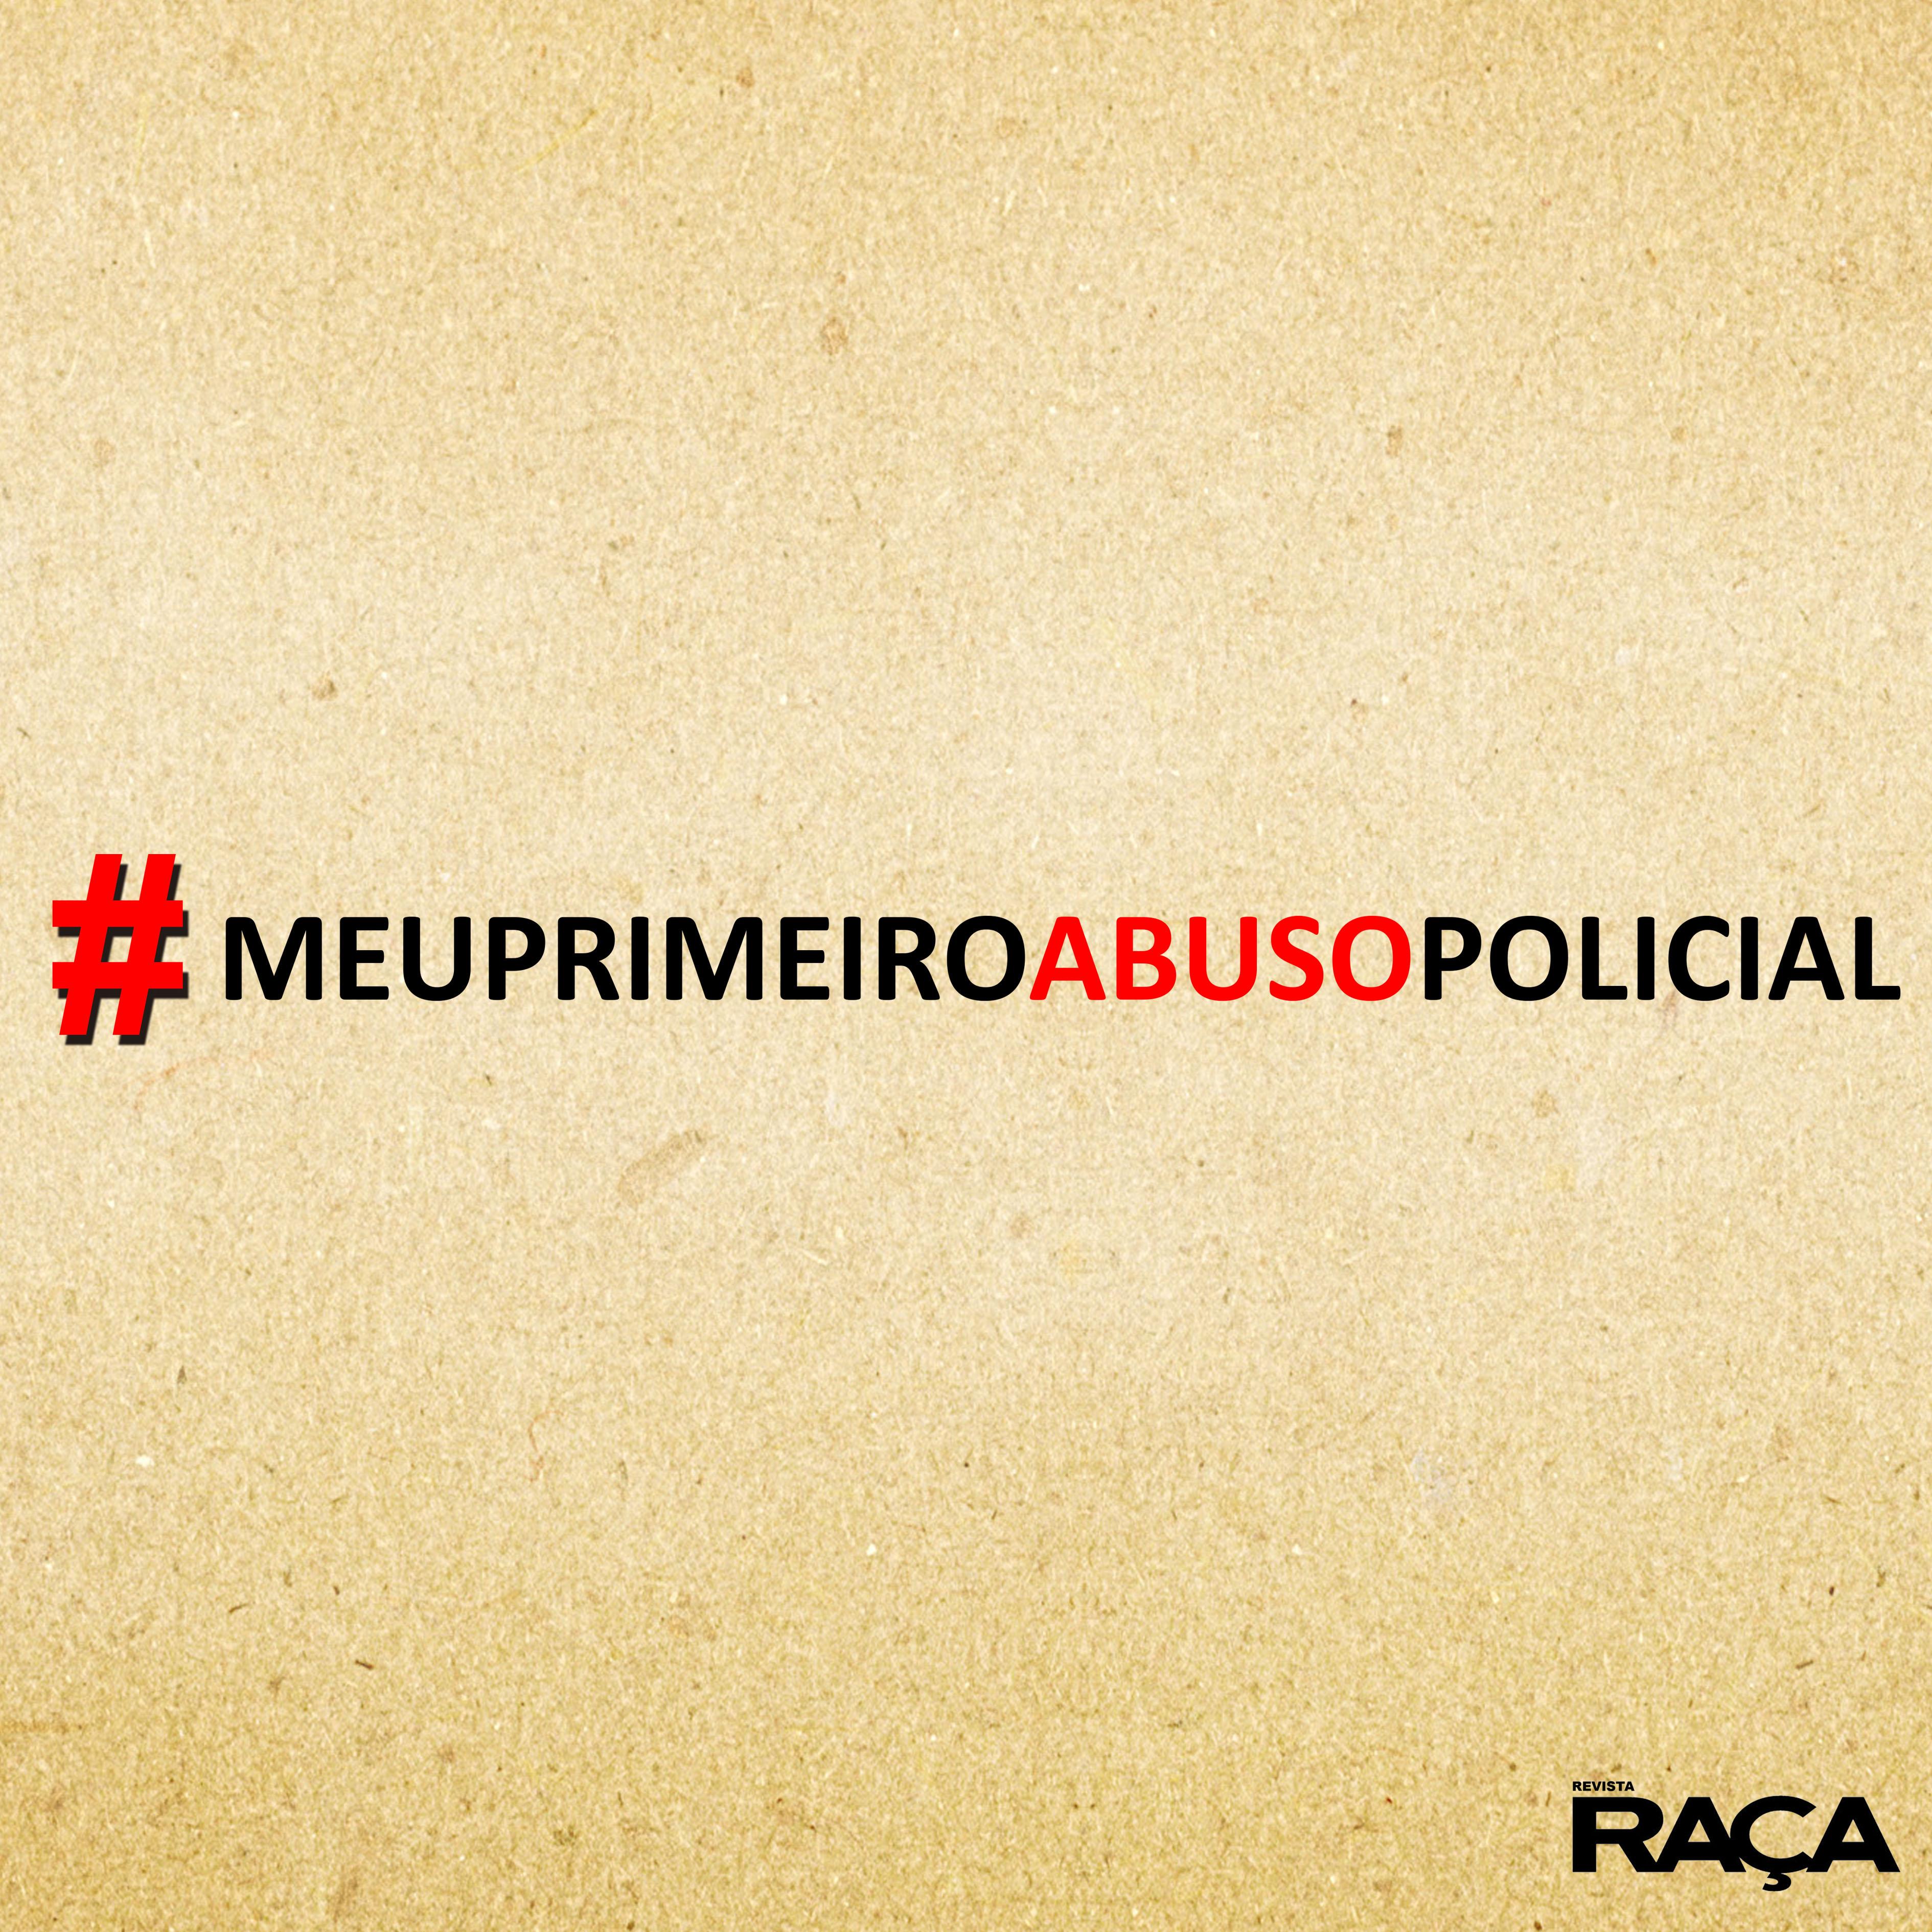 https://revistaraca.com.br/wp-content/uploads/2017/06/campanha-1.jpg